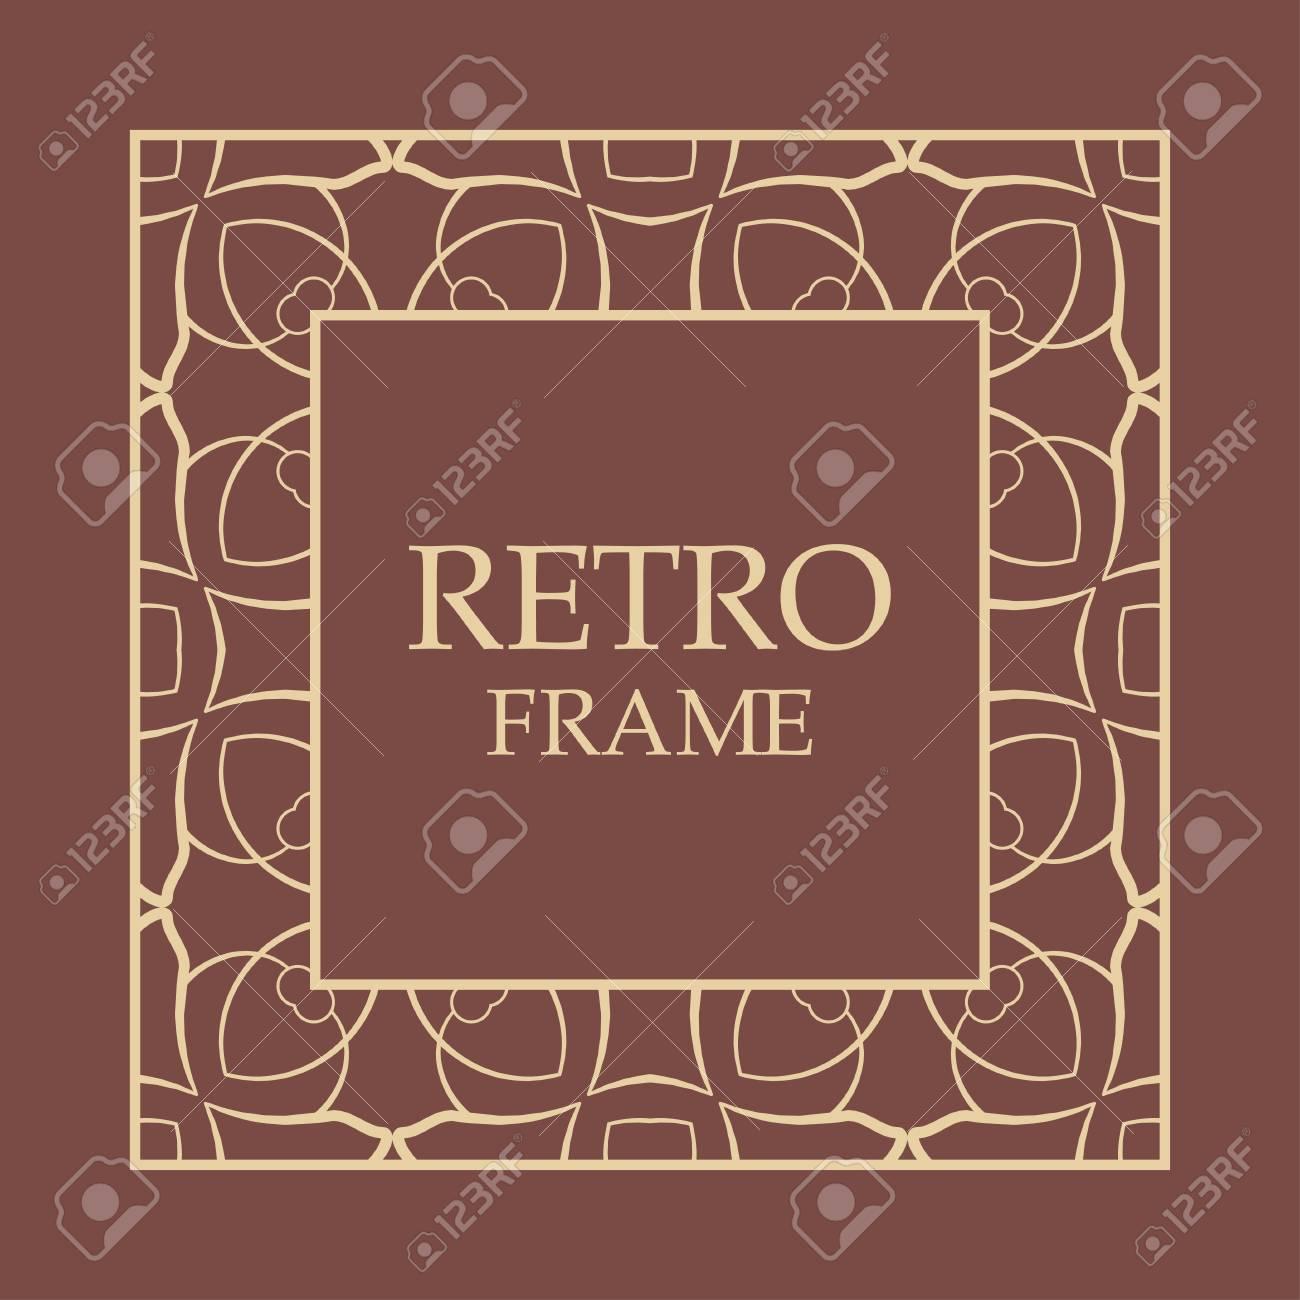 Ornate Vintage Card Design With Ornamental Border Frame. Use ...